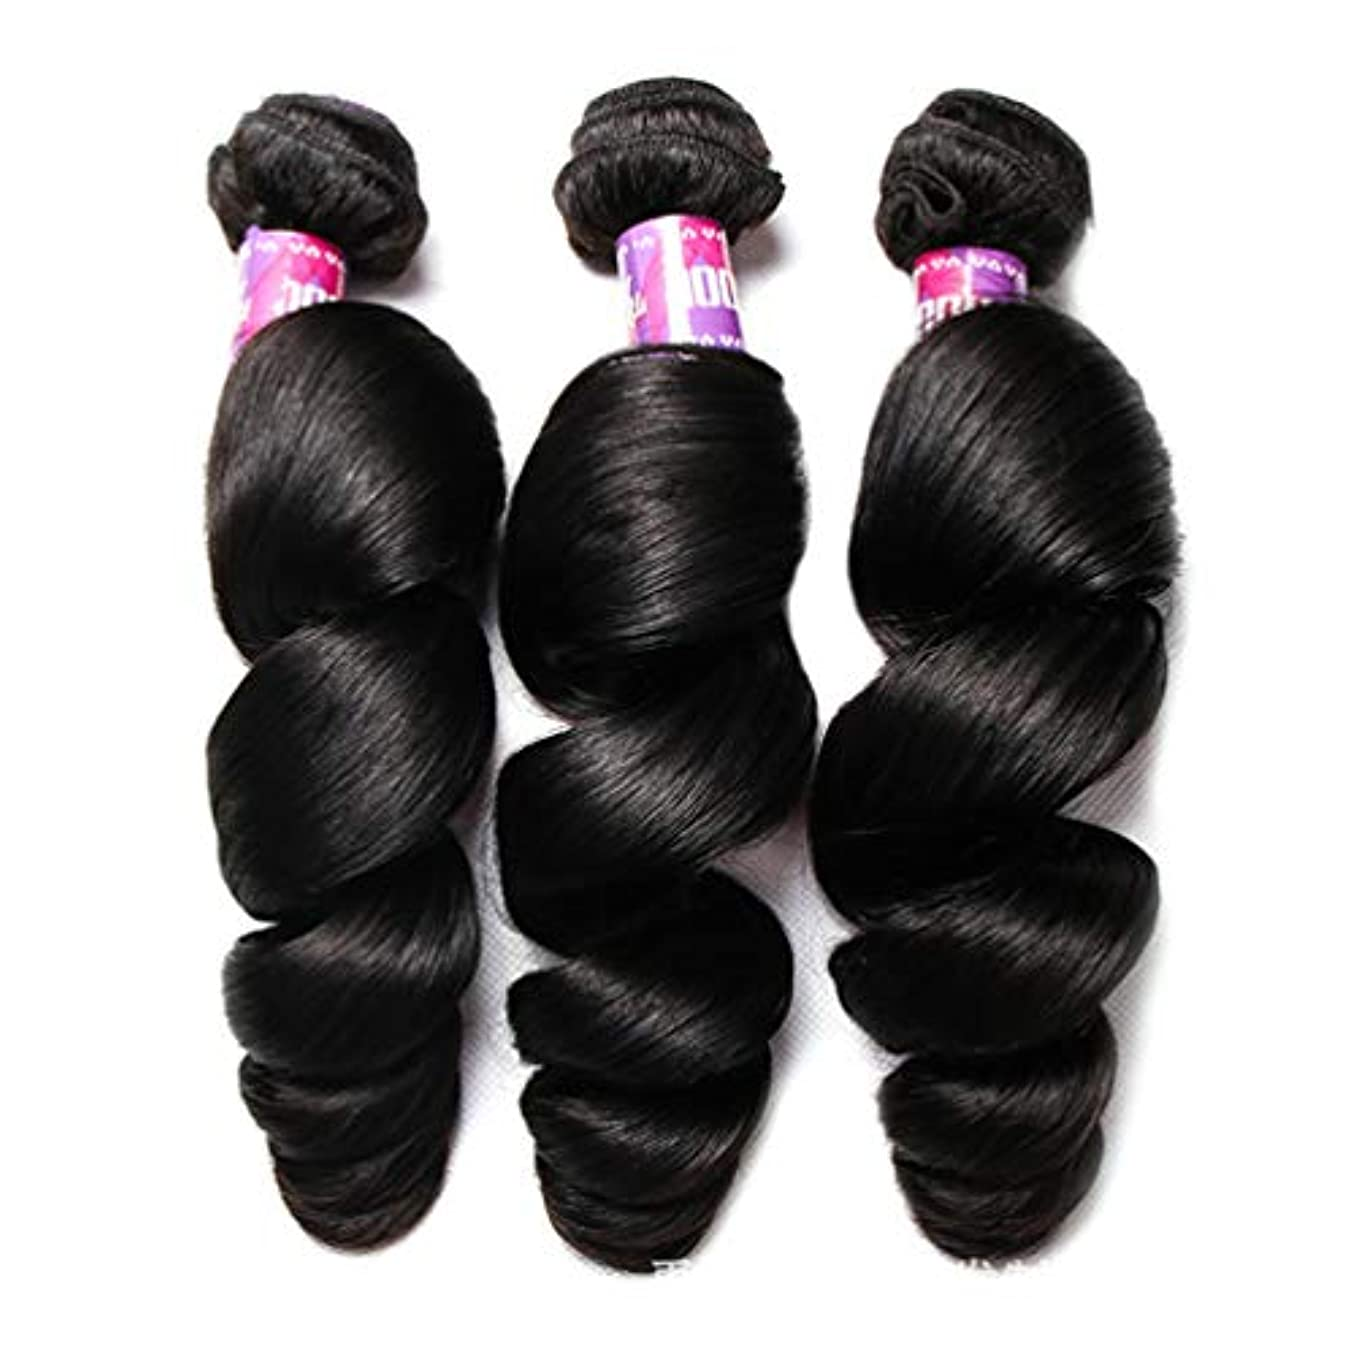 葉を拾う急速な契約したブラジルのボディウェーブの毛100%Remyの人間の毛髪の織り方延長未処理のバージンのブラジルの毛(3束)